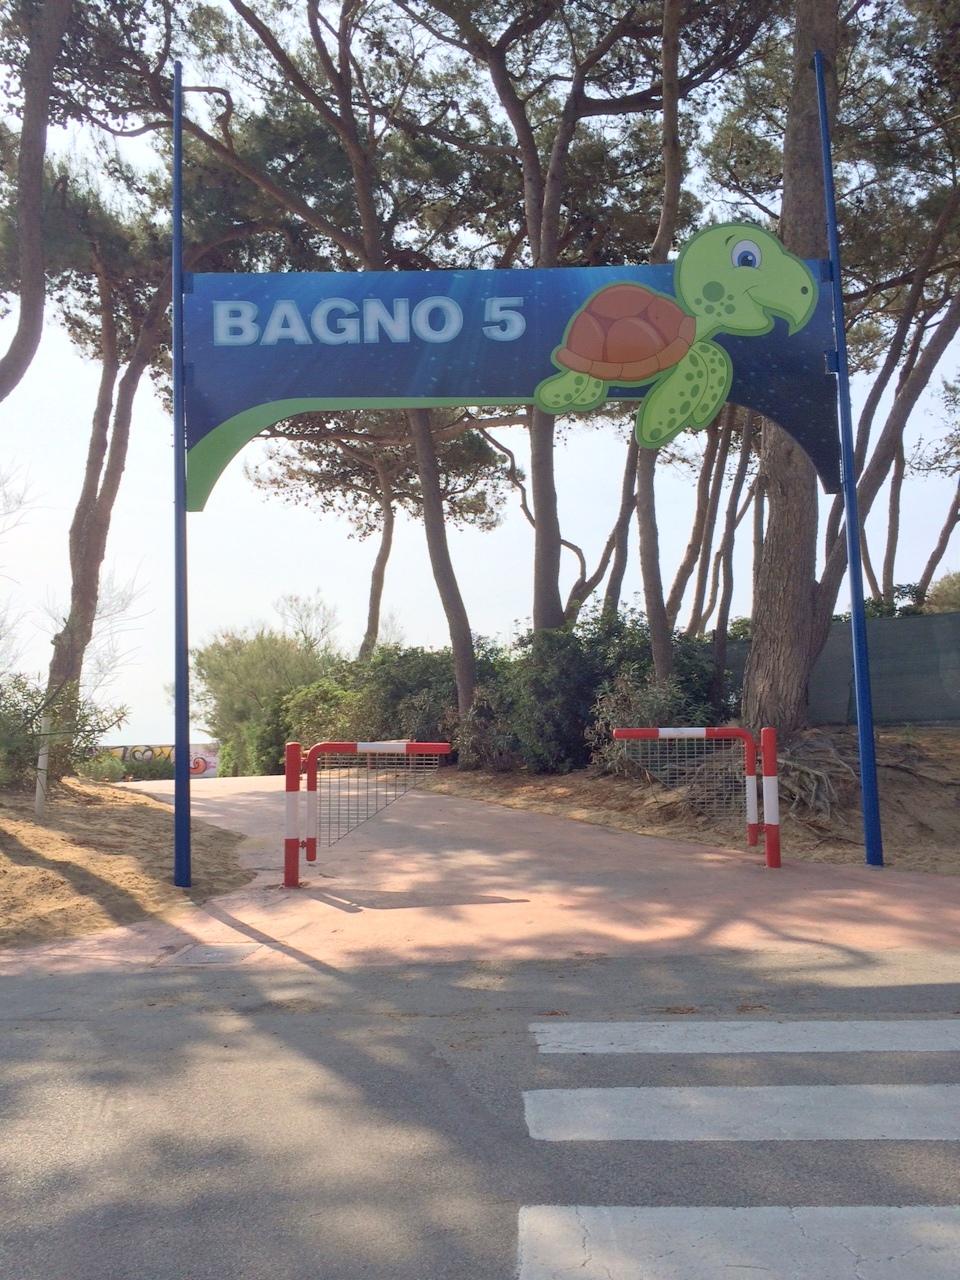 5 bagno 5 beach establishment lignano sabbiadoro for Bagno 5 lignano riviera